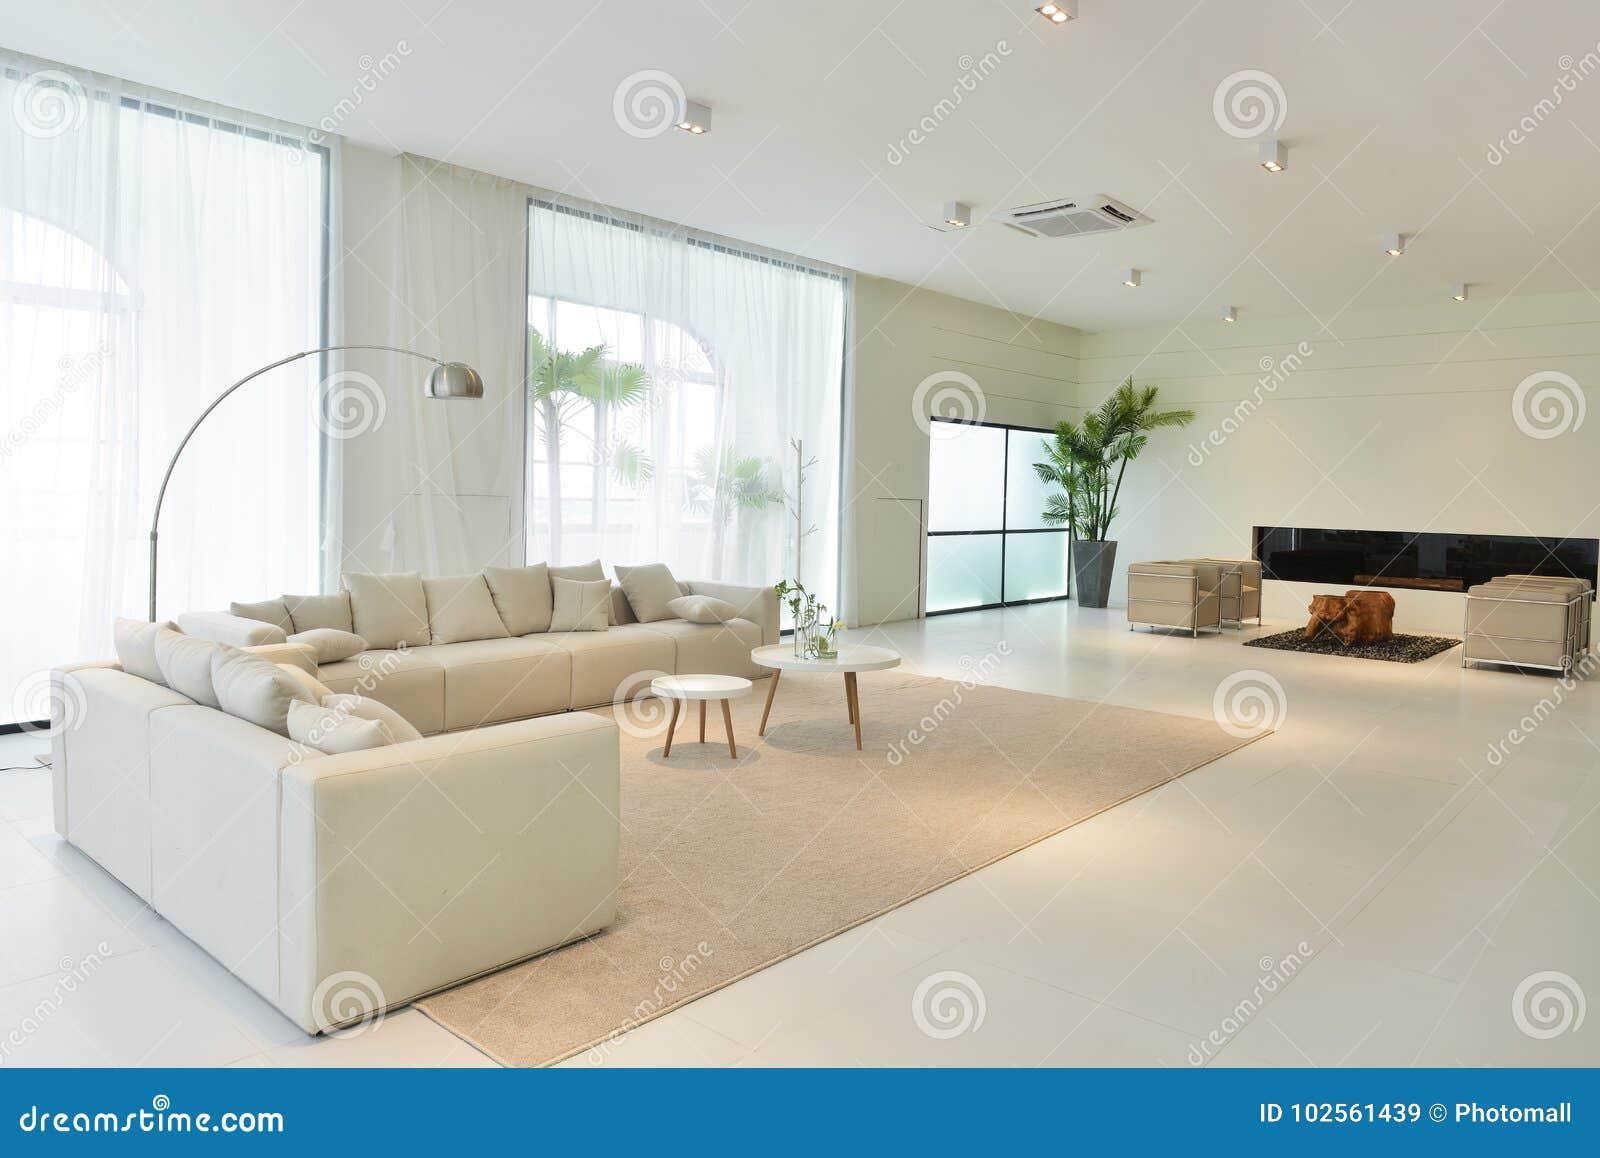 Interieur Maison Moderne Architecte intérieur de salon de maison moderne image stock - image du